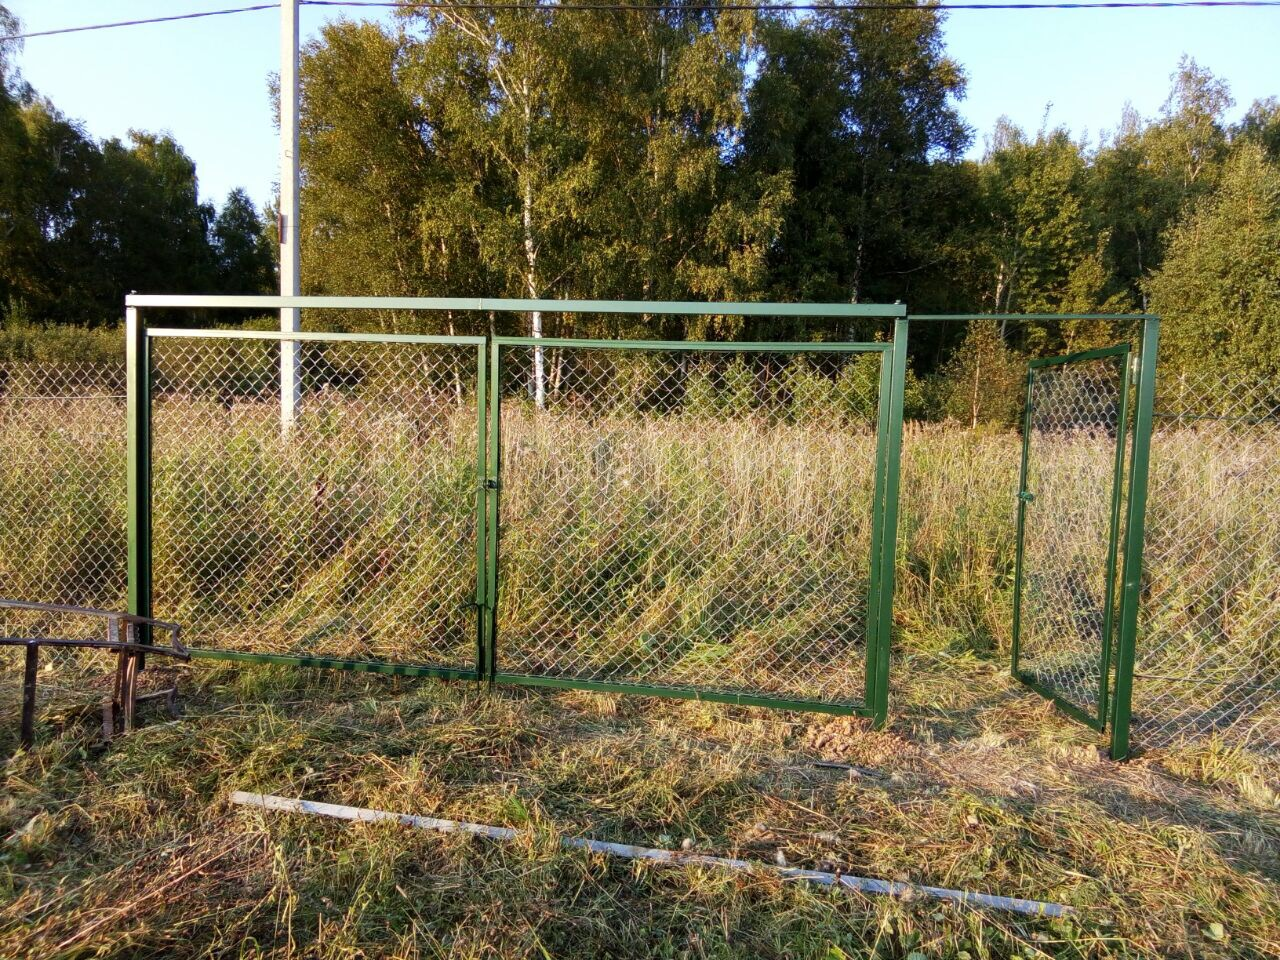 шоколадные забор из сетки рабицы фото г иркутск позволяют